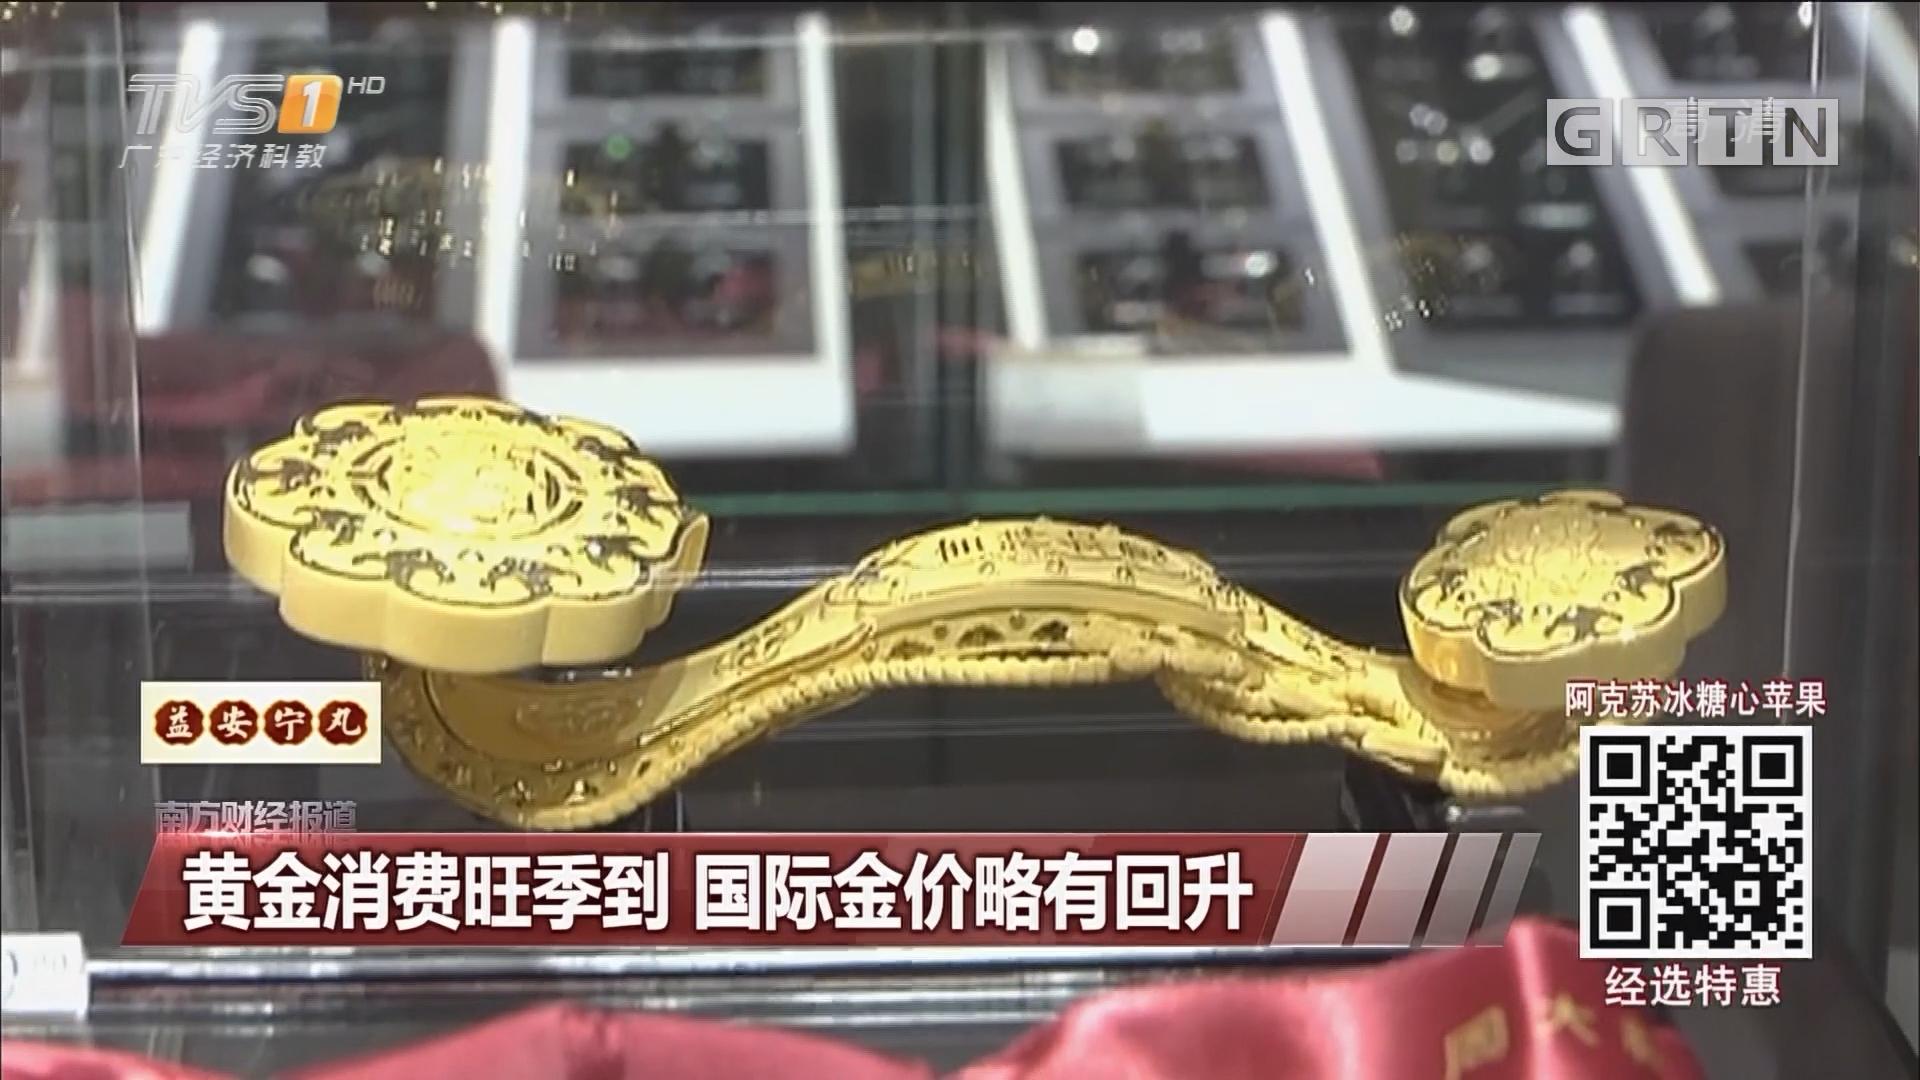 黄金消费旺季到 国际金价略有回升